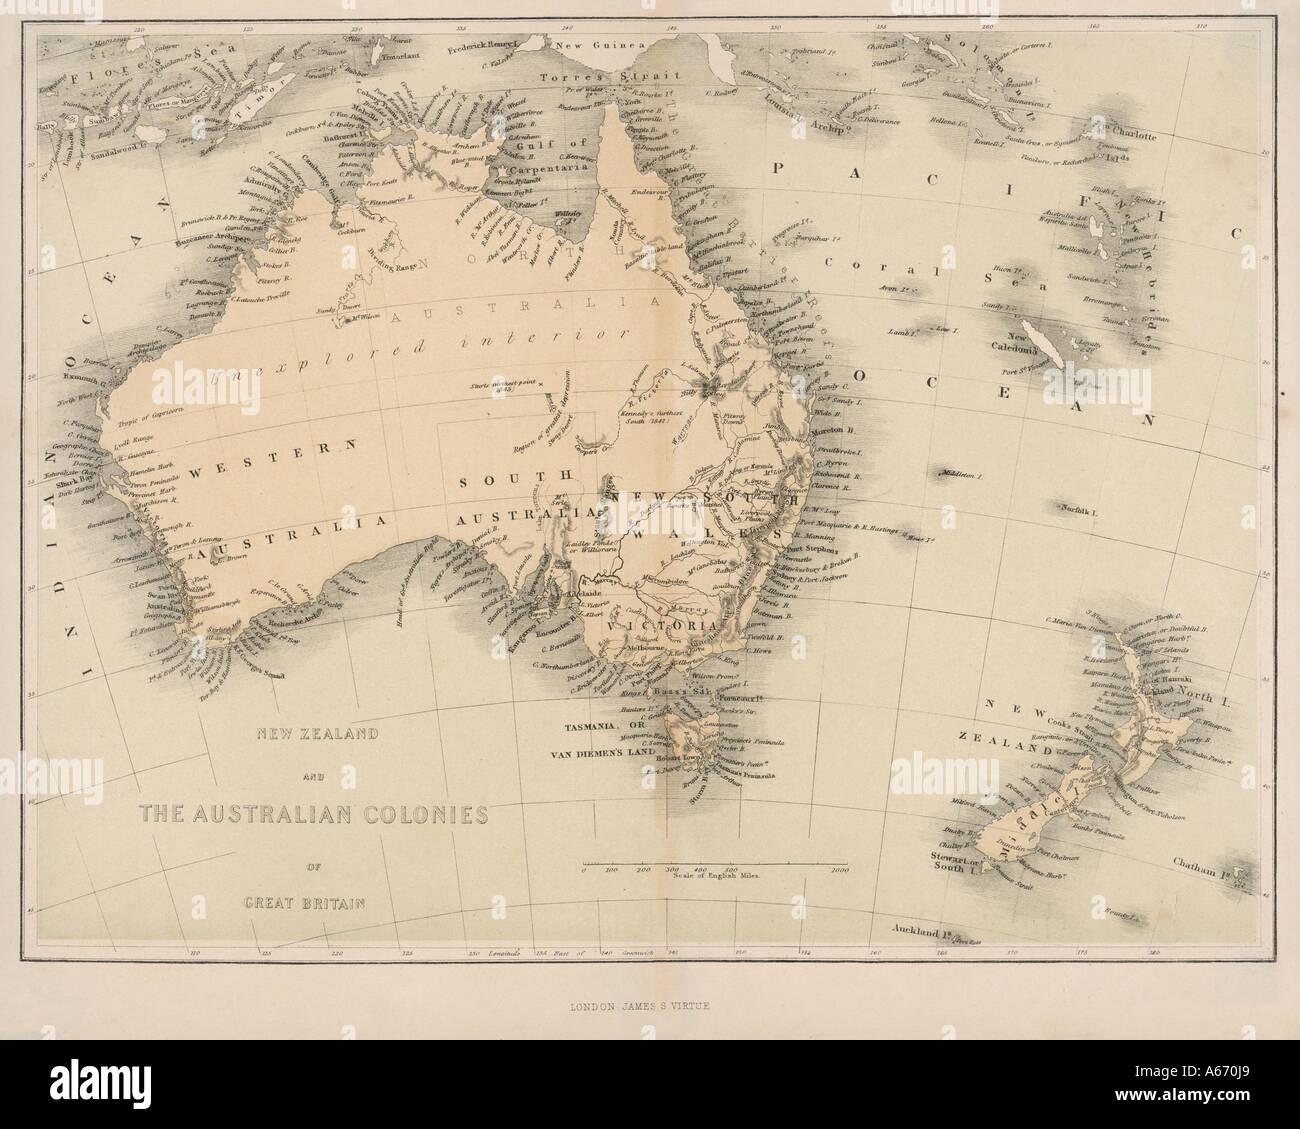 Map Of Australia Nz.Map Australia Nz 1862 Stock Photo 6560552 Alamy